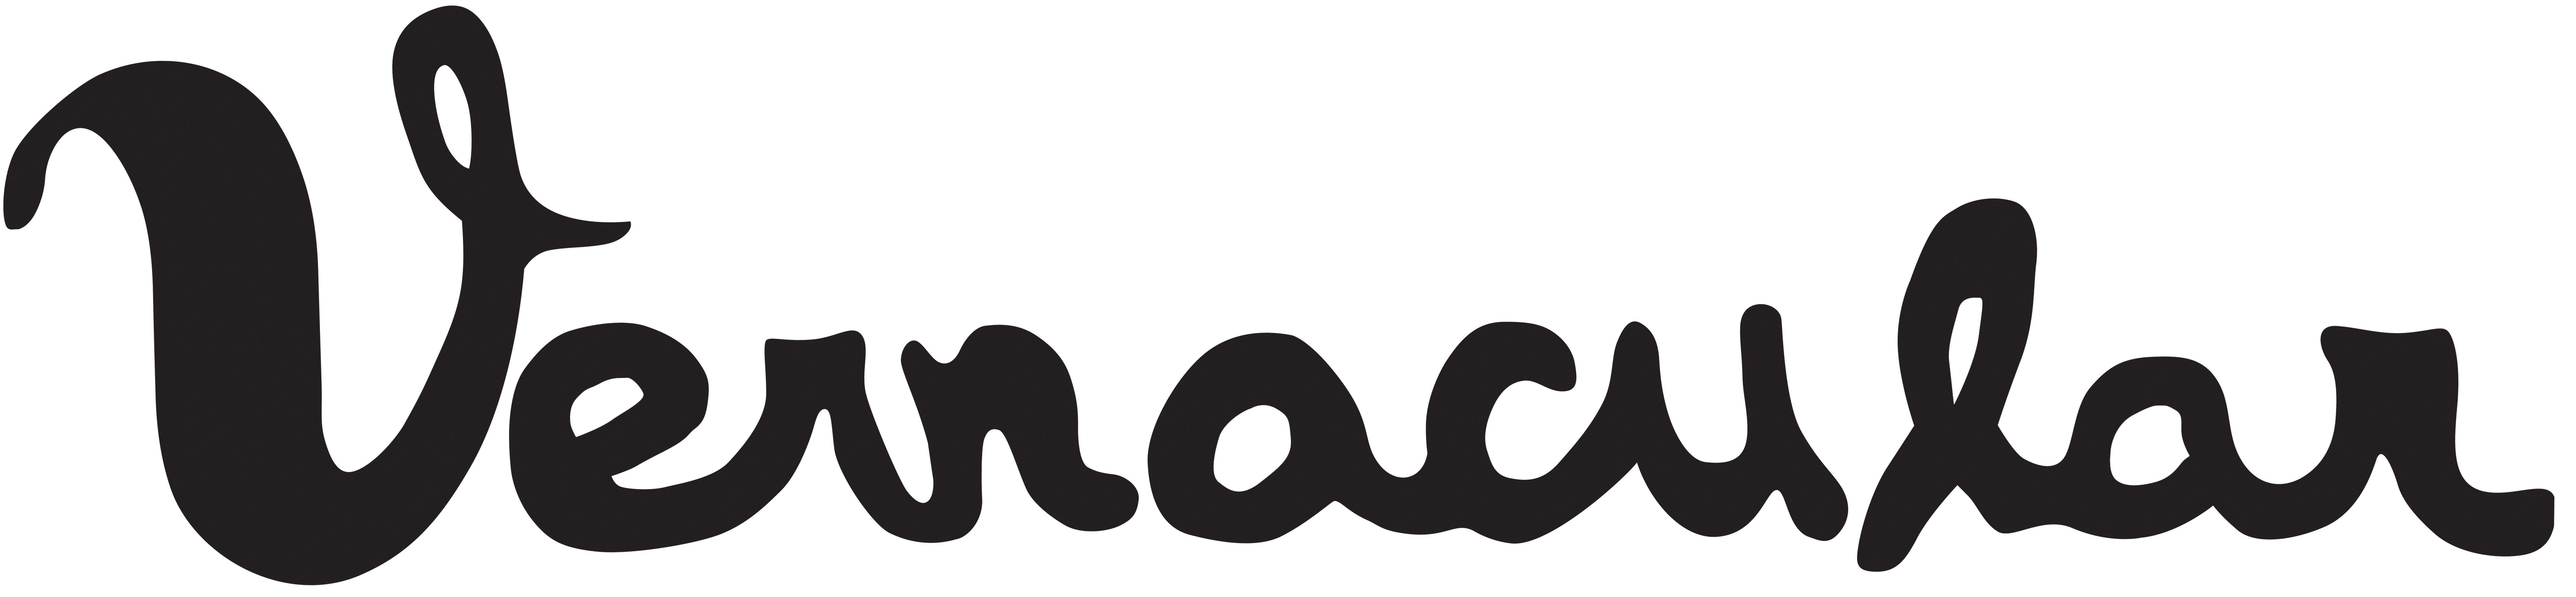 vernacular logo